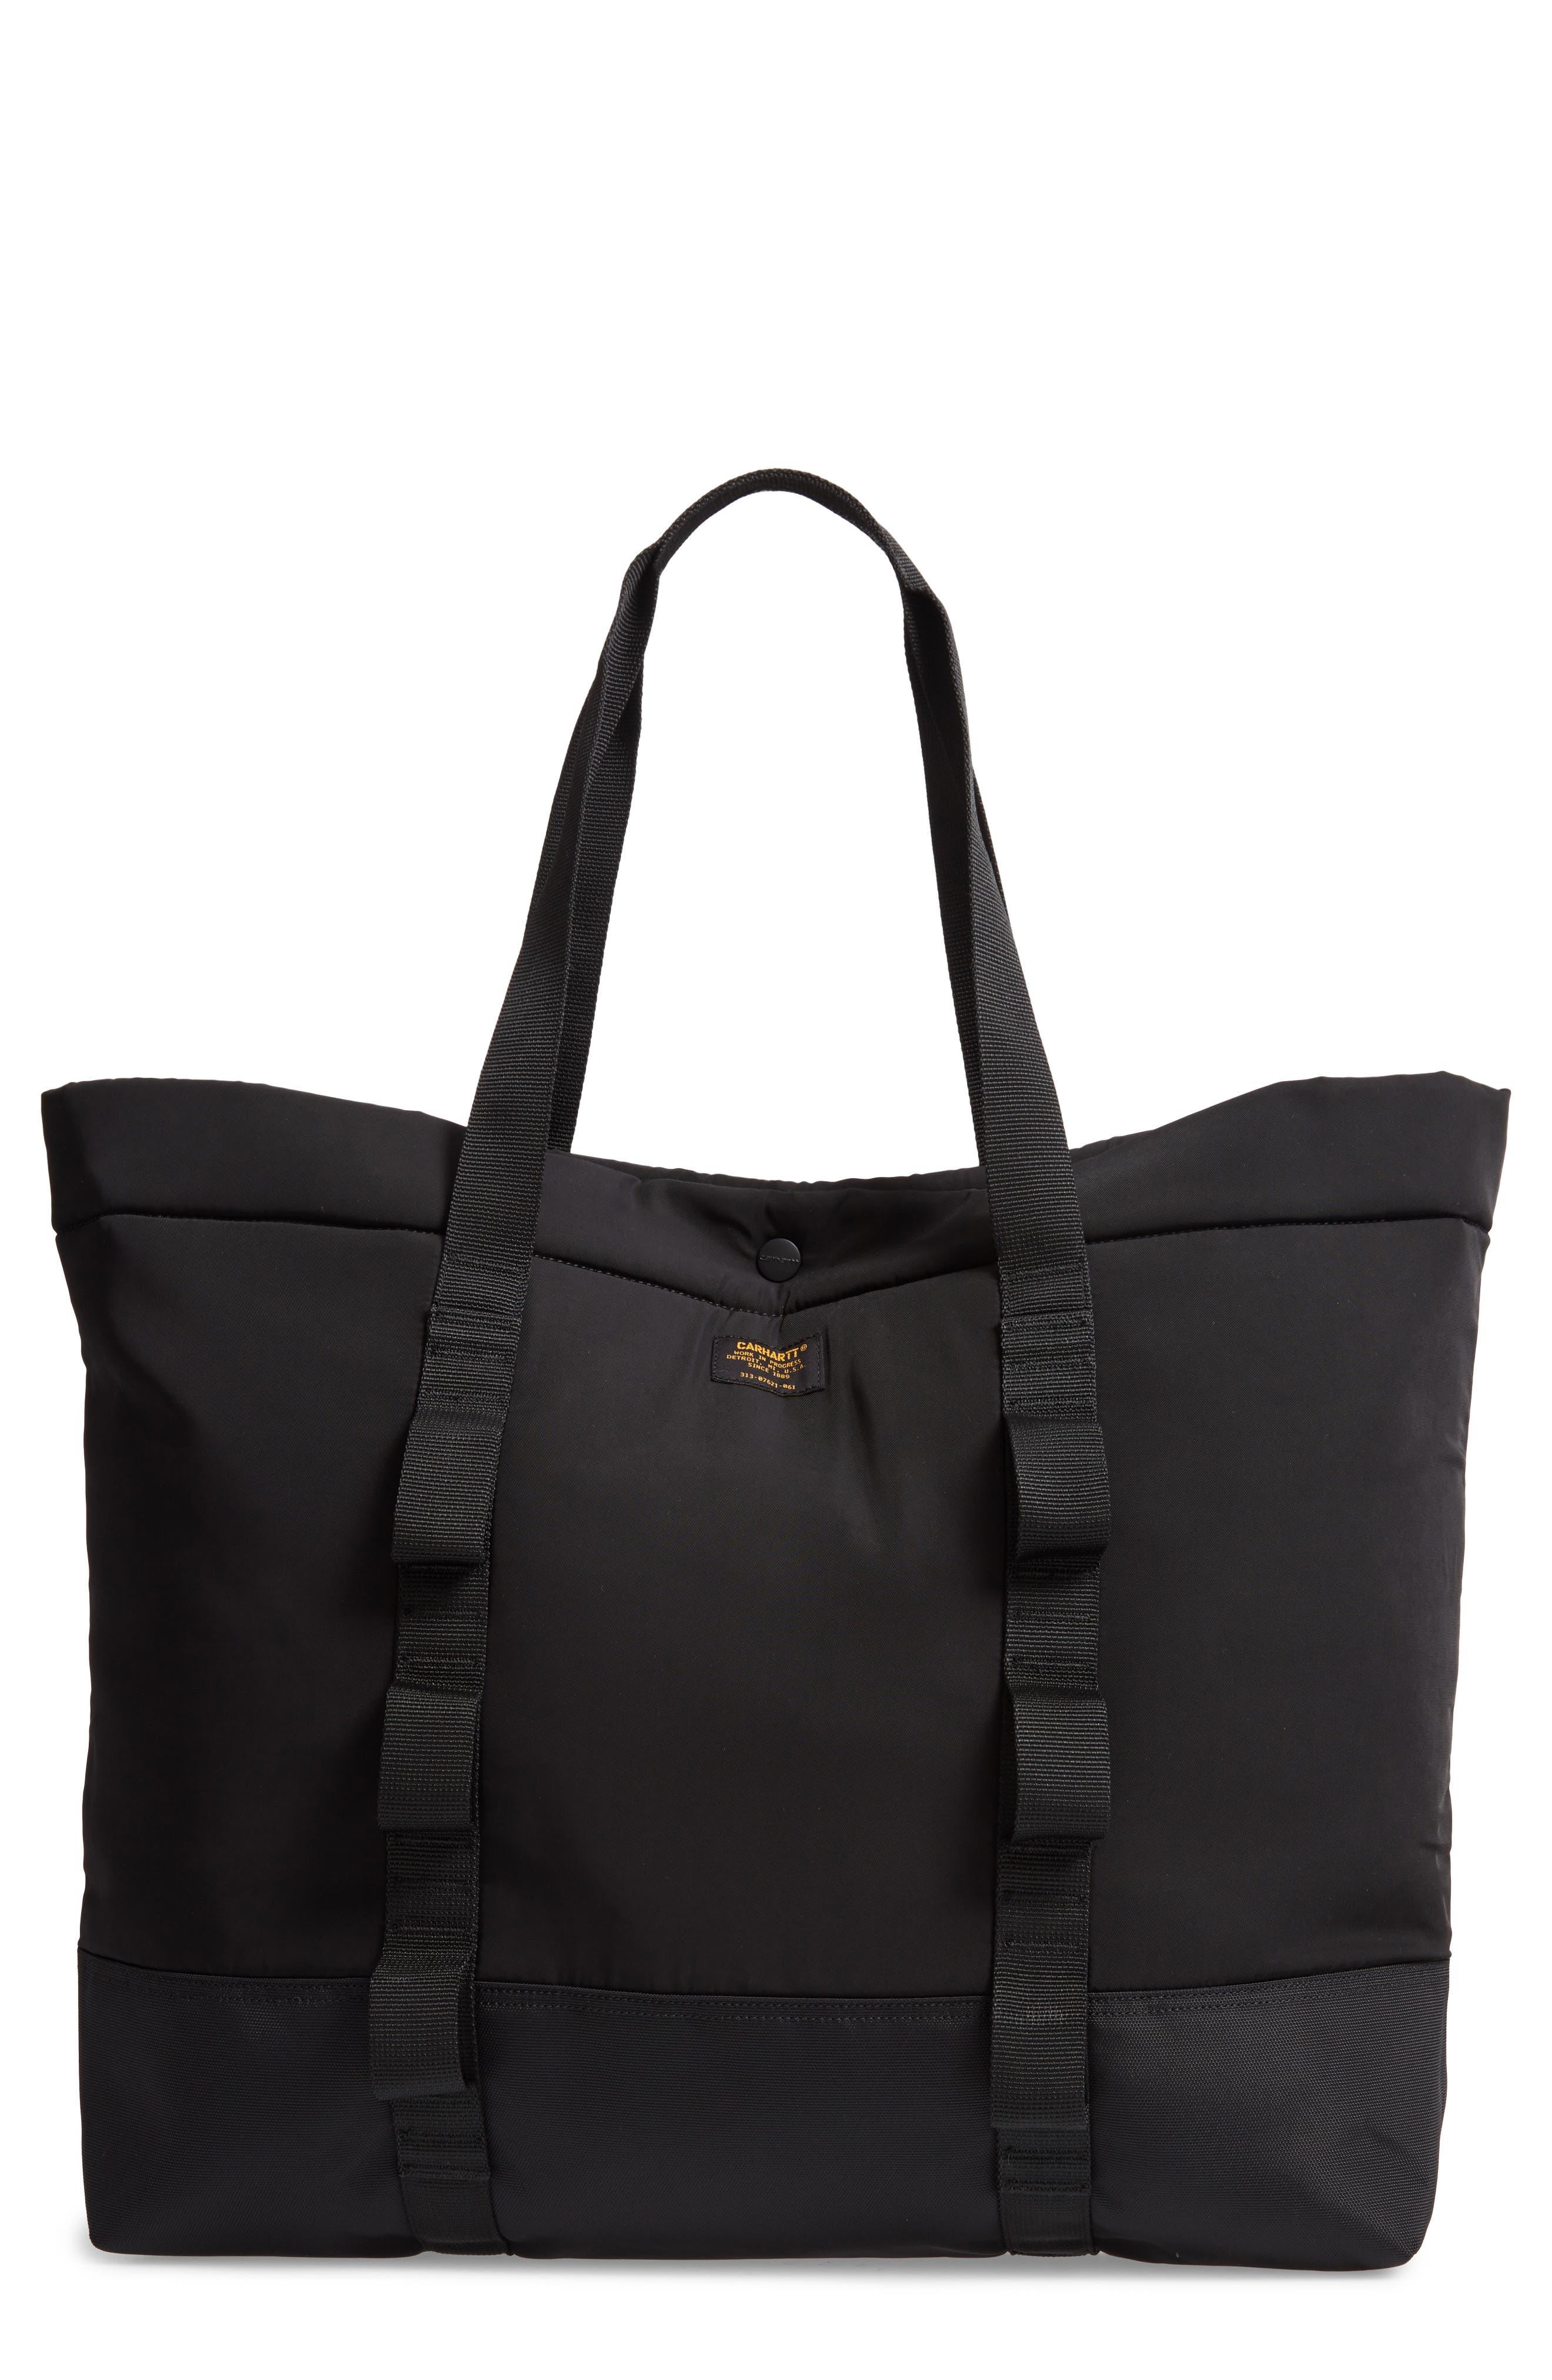 Military Shopper Tote Bag,                             Main thumbnail 1, color,                             BLACK / BLACK